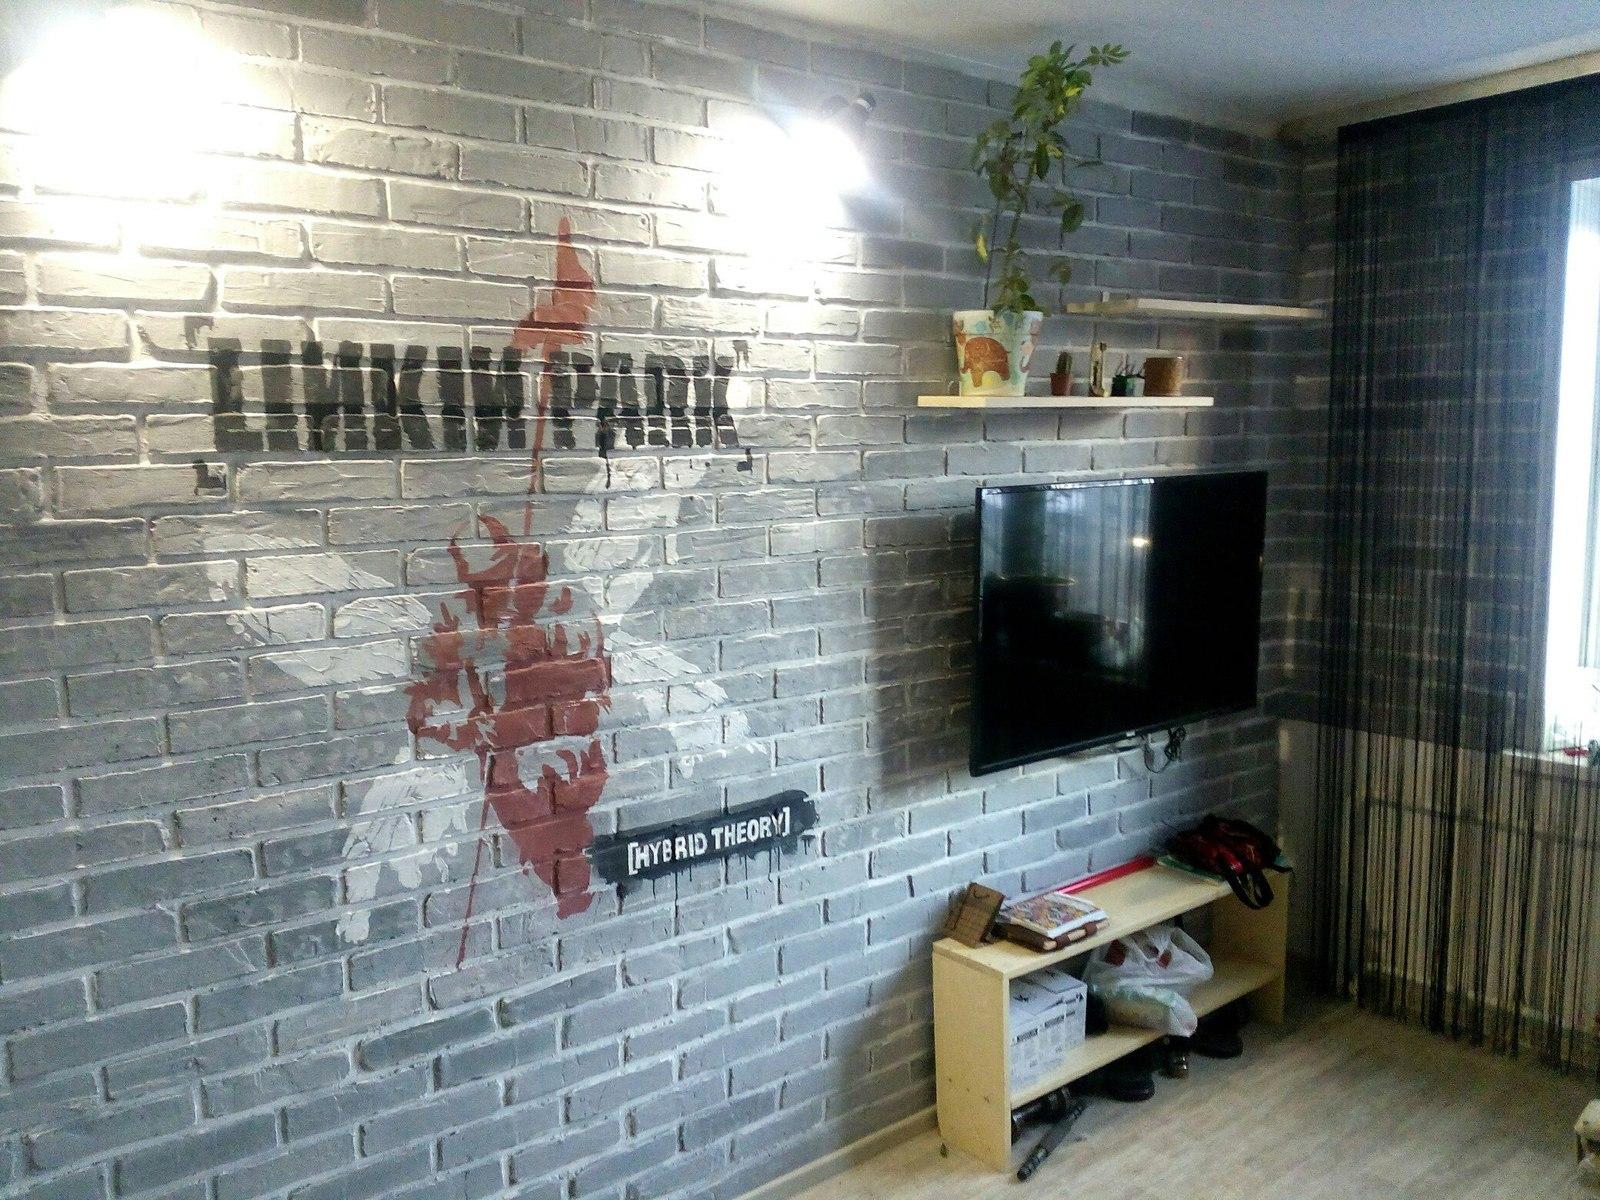 Как сделать декоративную штукатурку под кирпич для внутренней отделки стен в интерьере?